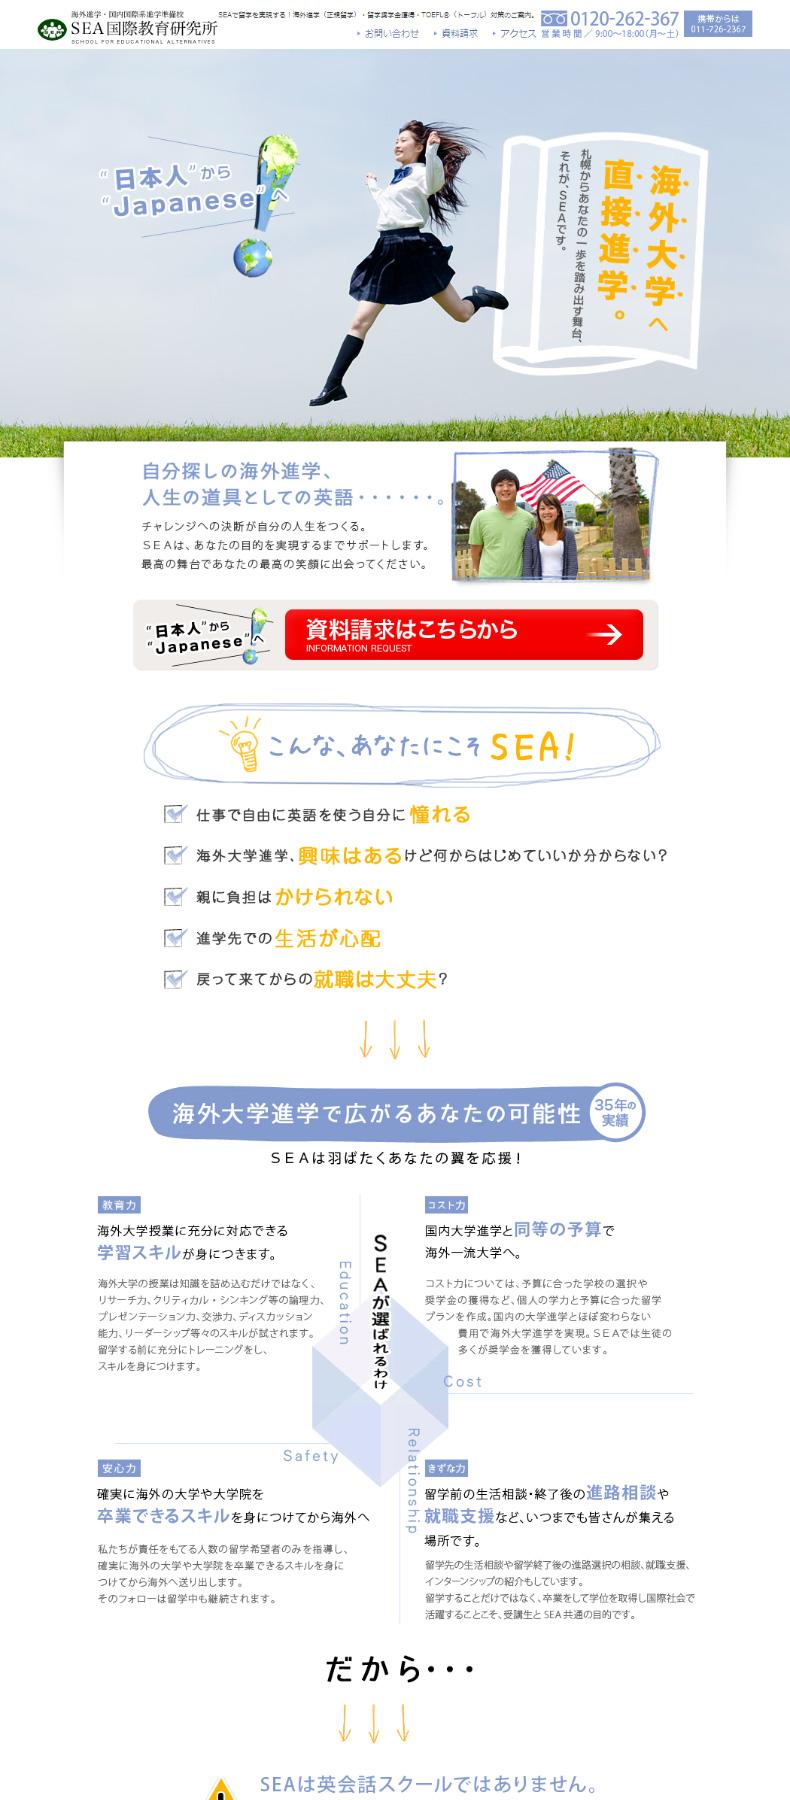 SEA国際教育研究所 / コーポレートホームページ制作